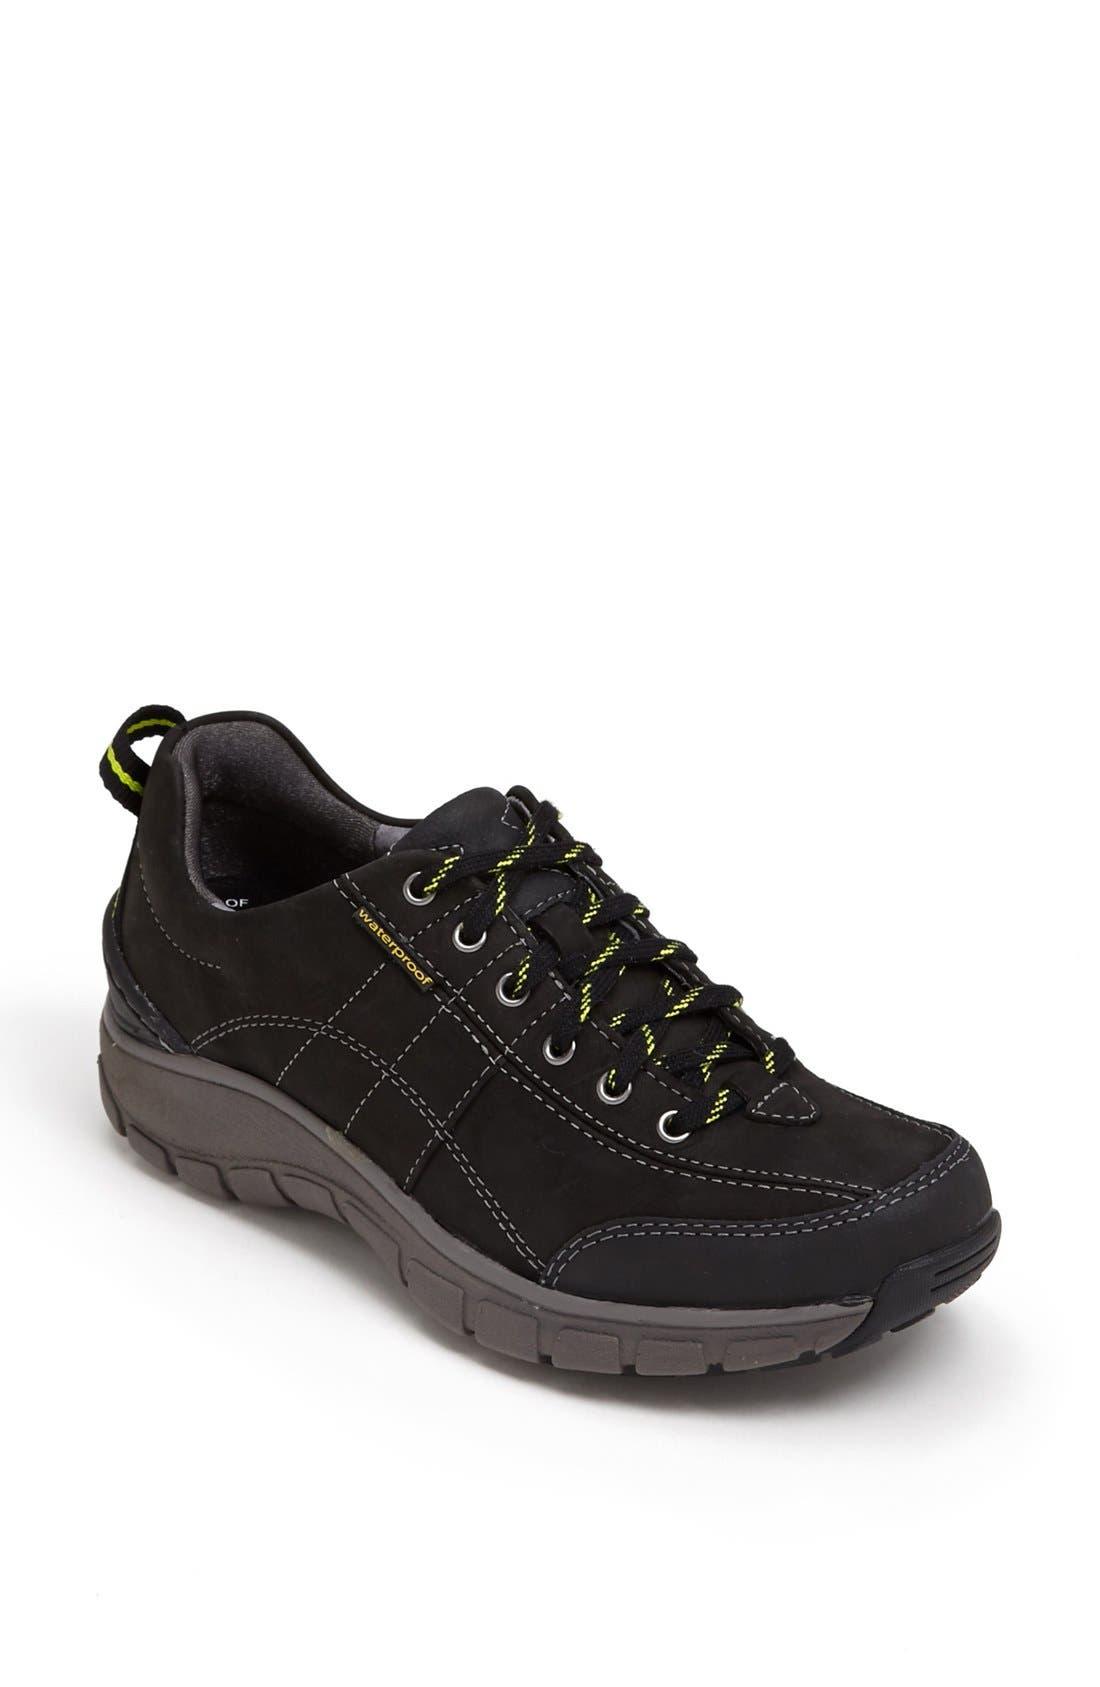 'Wave Trek' Waterproof Sneaker, Main, color, 005